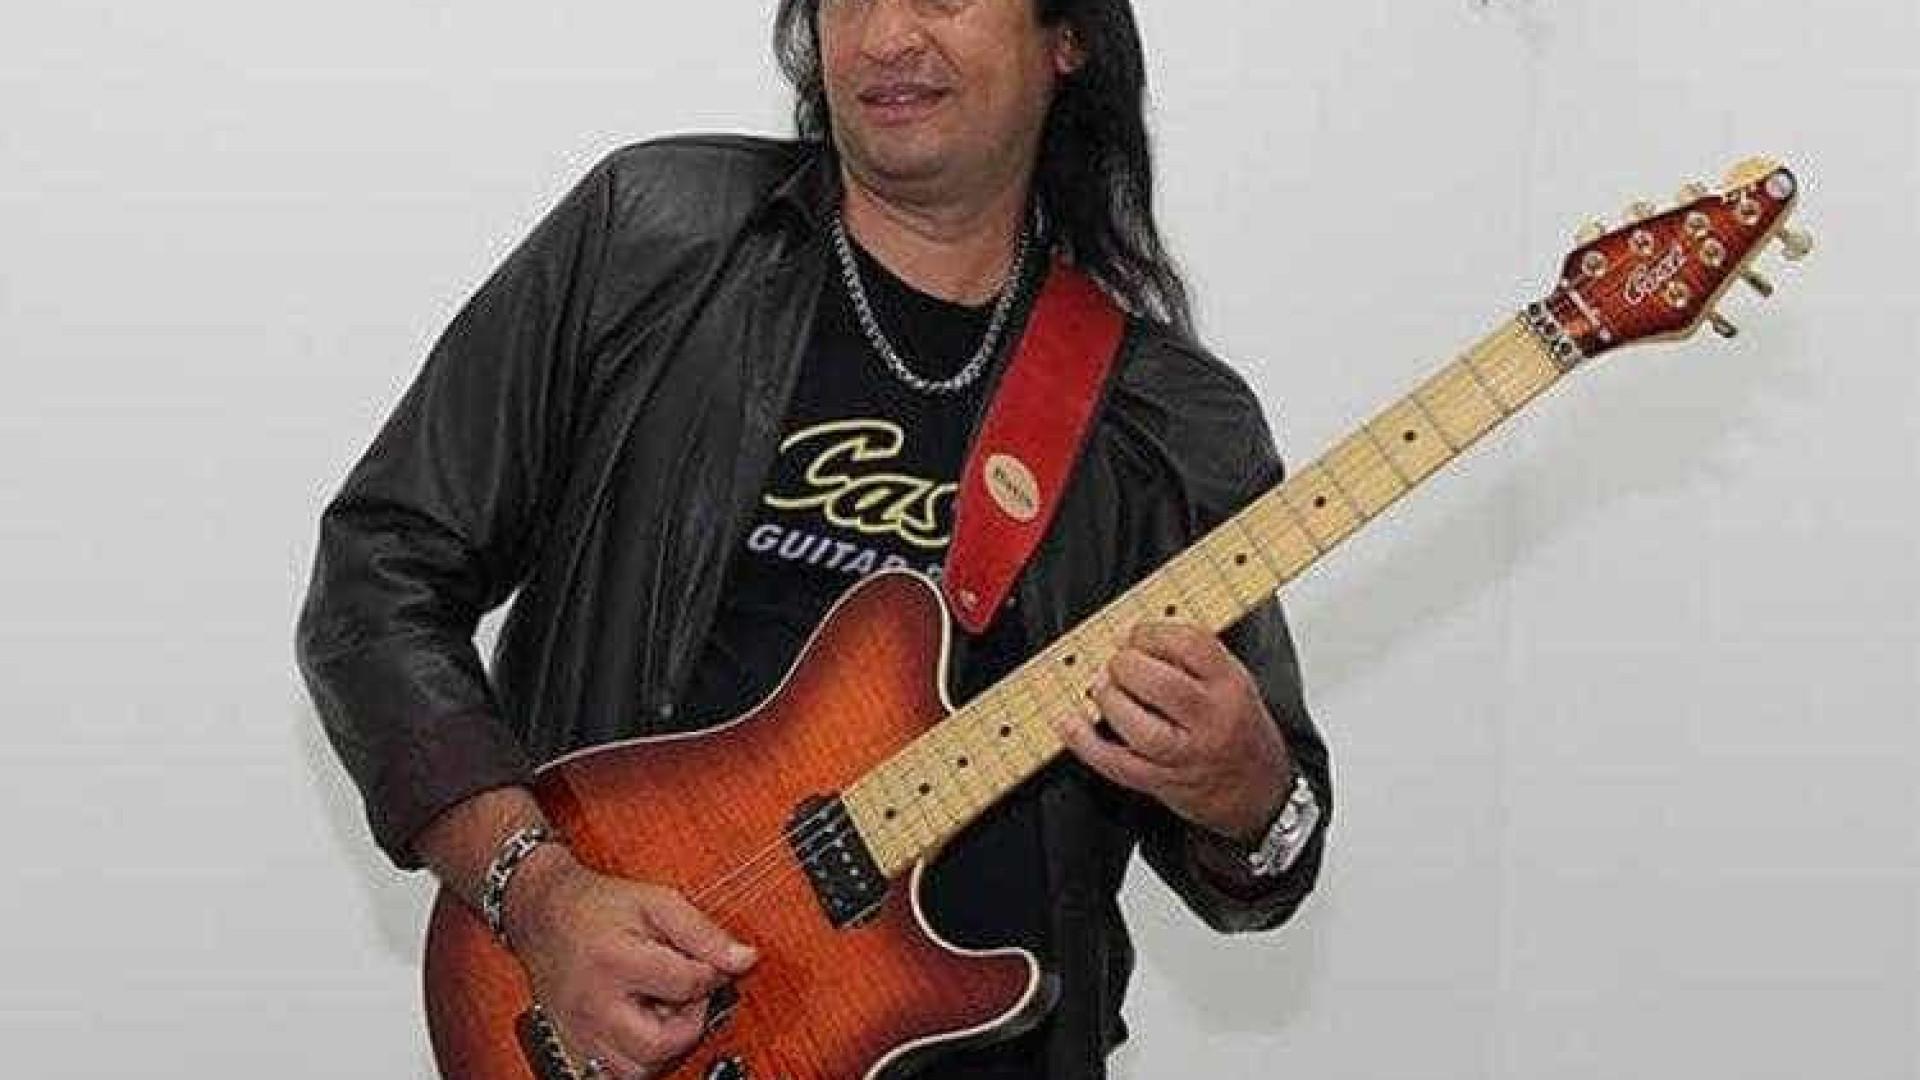 Músico morre em acidente que matou 11 pessoas em Minas Gerais